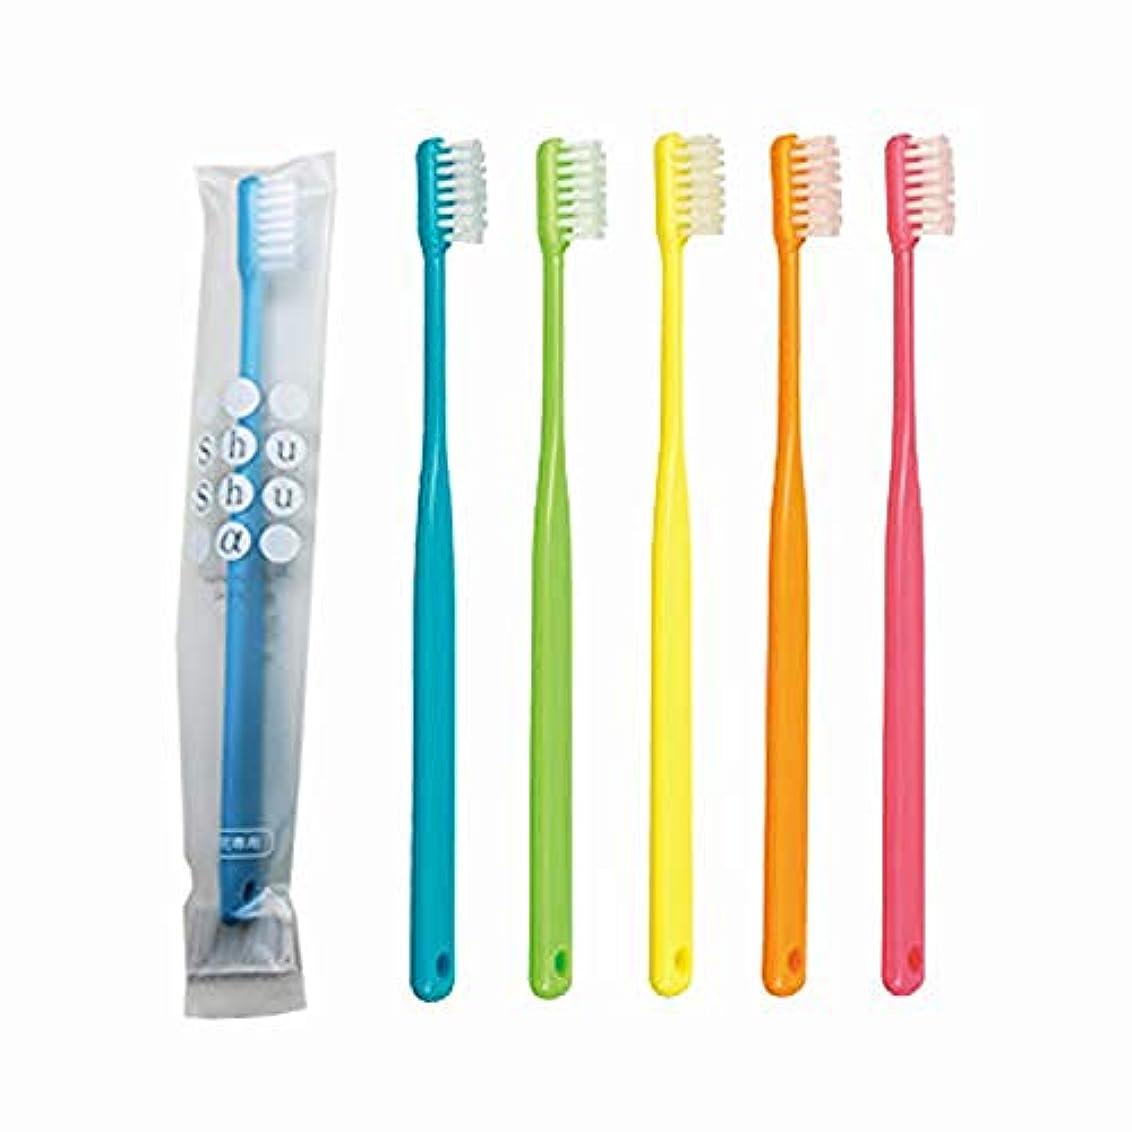 拡散するズボン部屋を掃除する歯科専売品 大人用歯ブラシ FEED Shu Shu α(シュシュアルファ)×10本 S (やわらかめ)